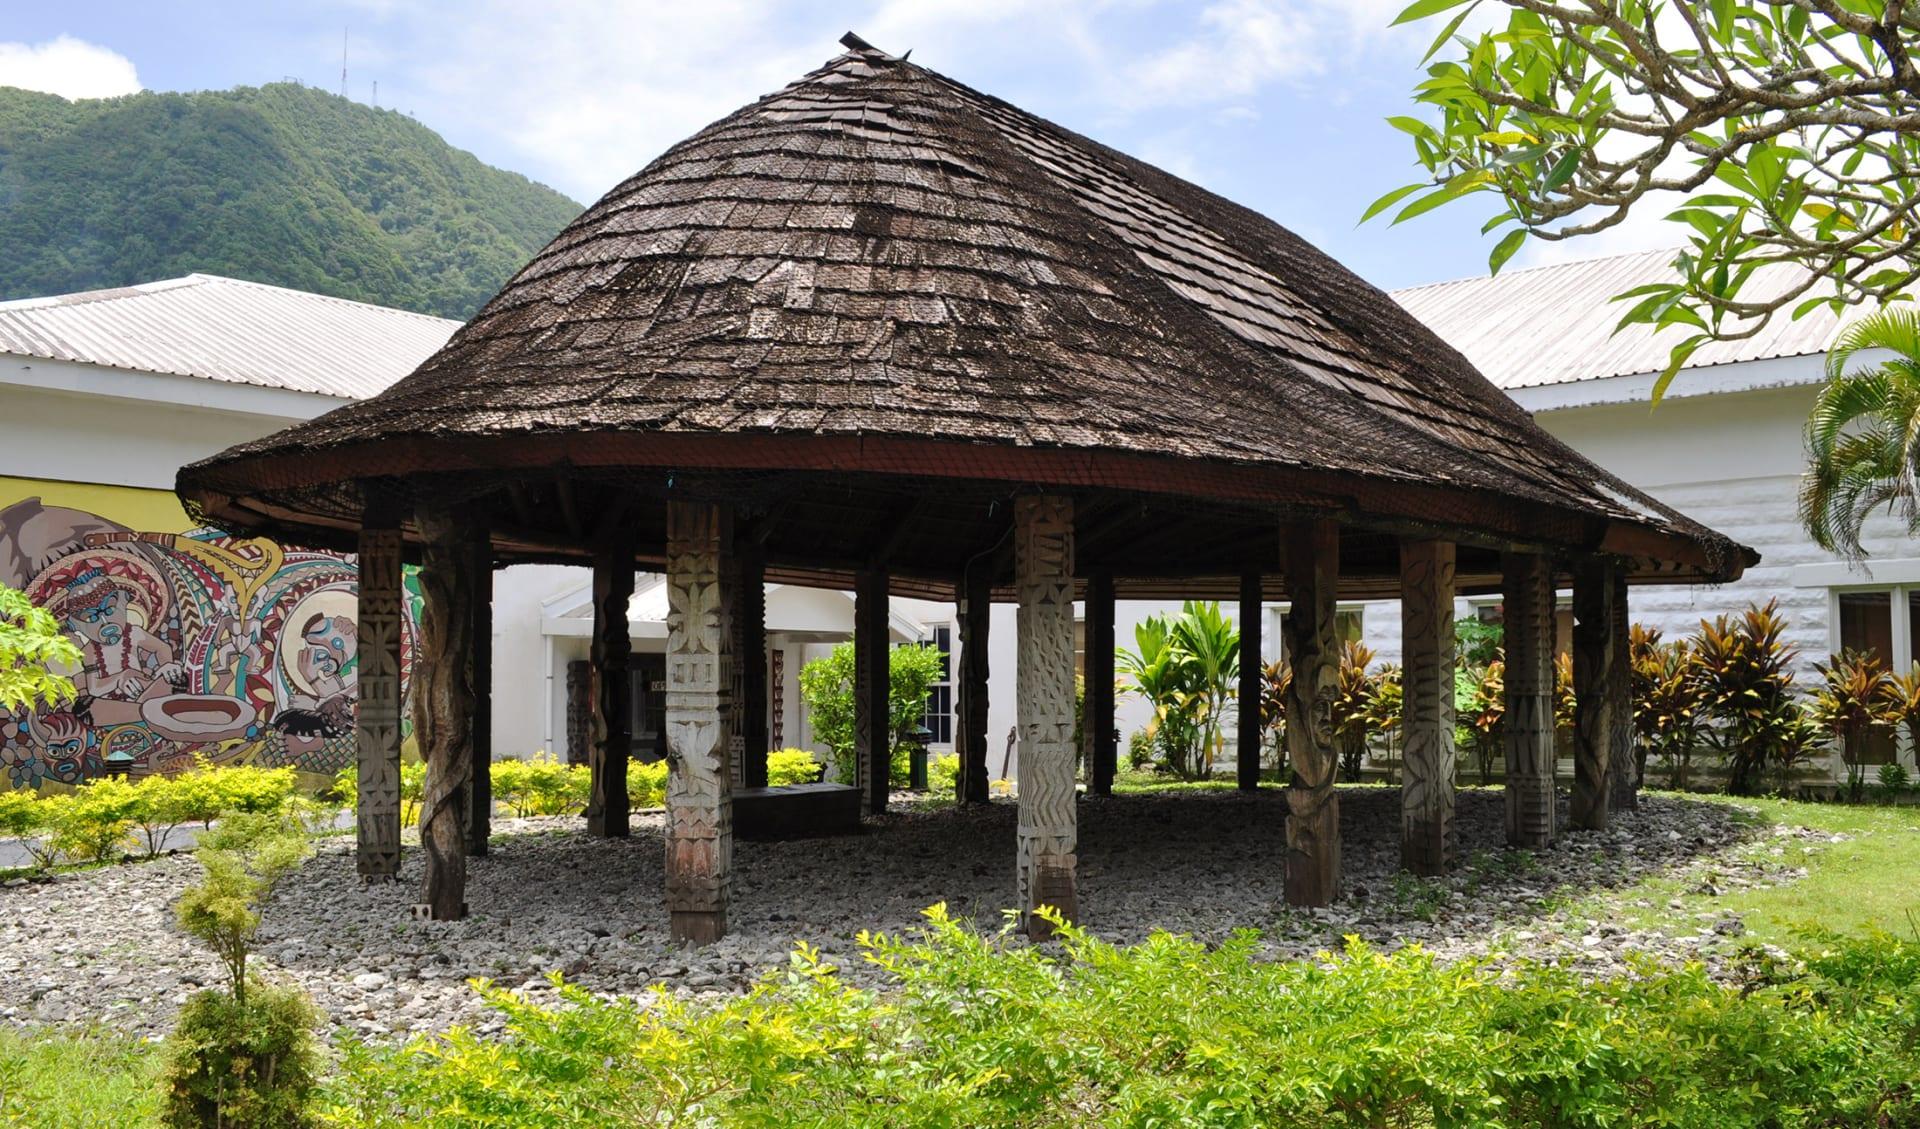 Traditionelle Samanische Hütte, Pago Pago, Samoa